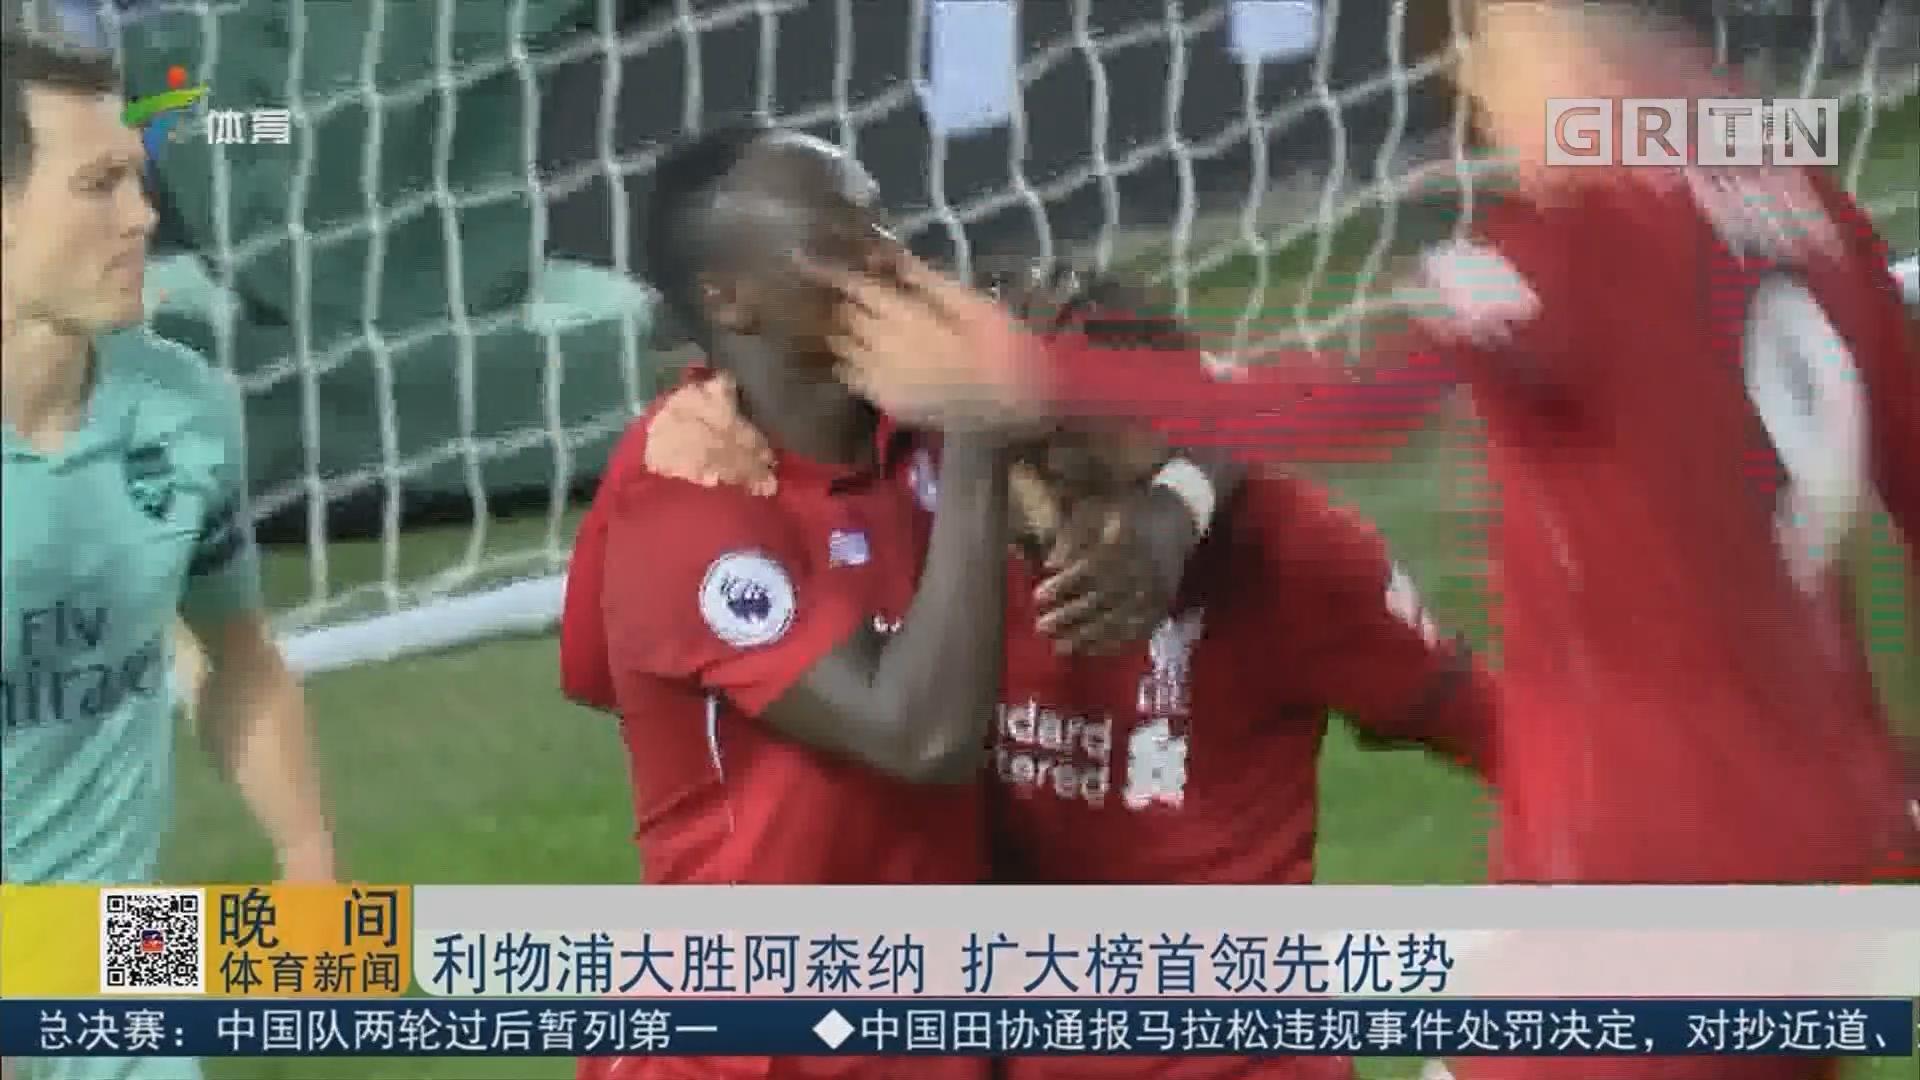 利物浦大胜阿森纳 扩大榜首领先优势